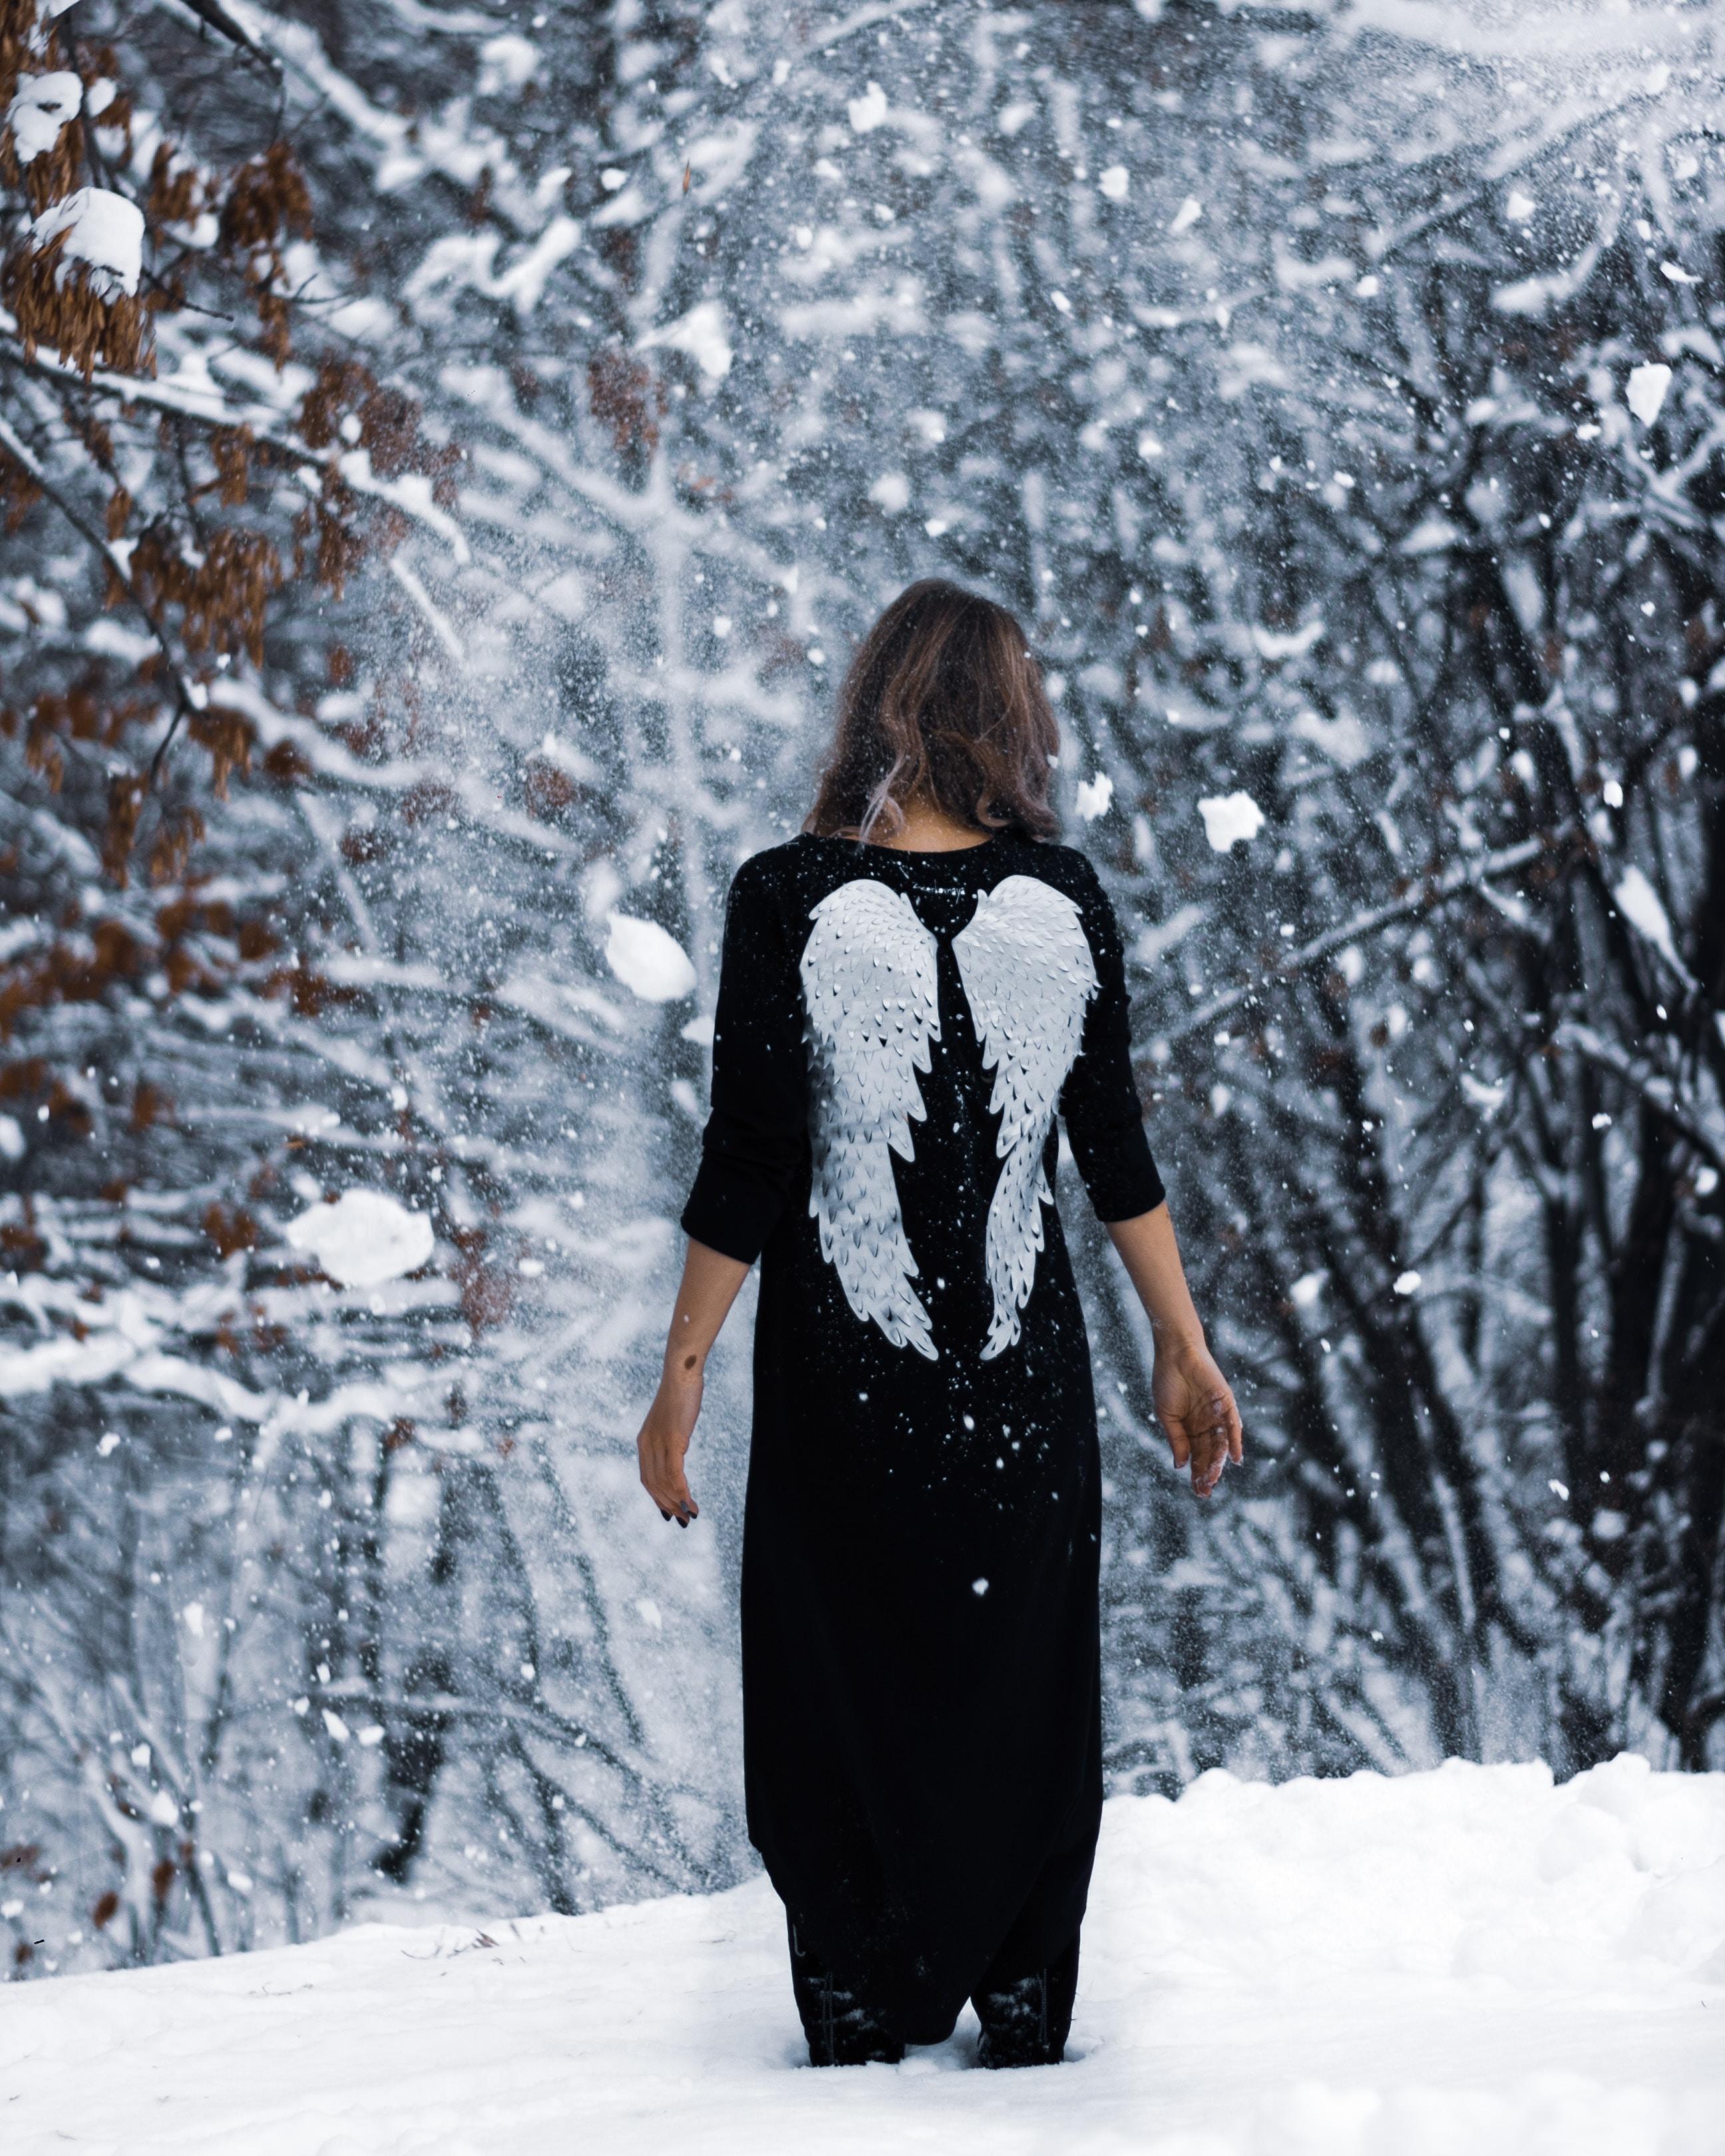 60424 Hintergrundbild herunterladen Engel, Winterreifen, Mädchen, Verschiedenes, Sonstige, Wald, Flügel, Garten - Bildschirmschoner und Bilder kostenlos